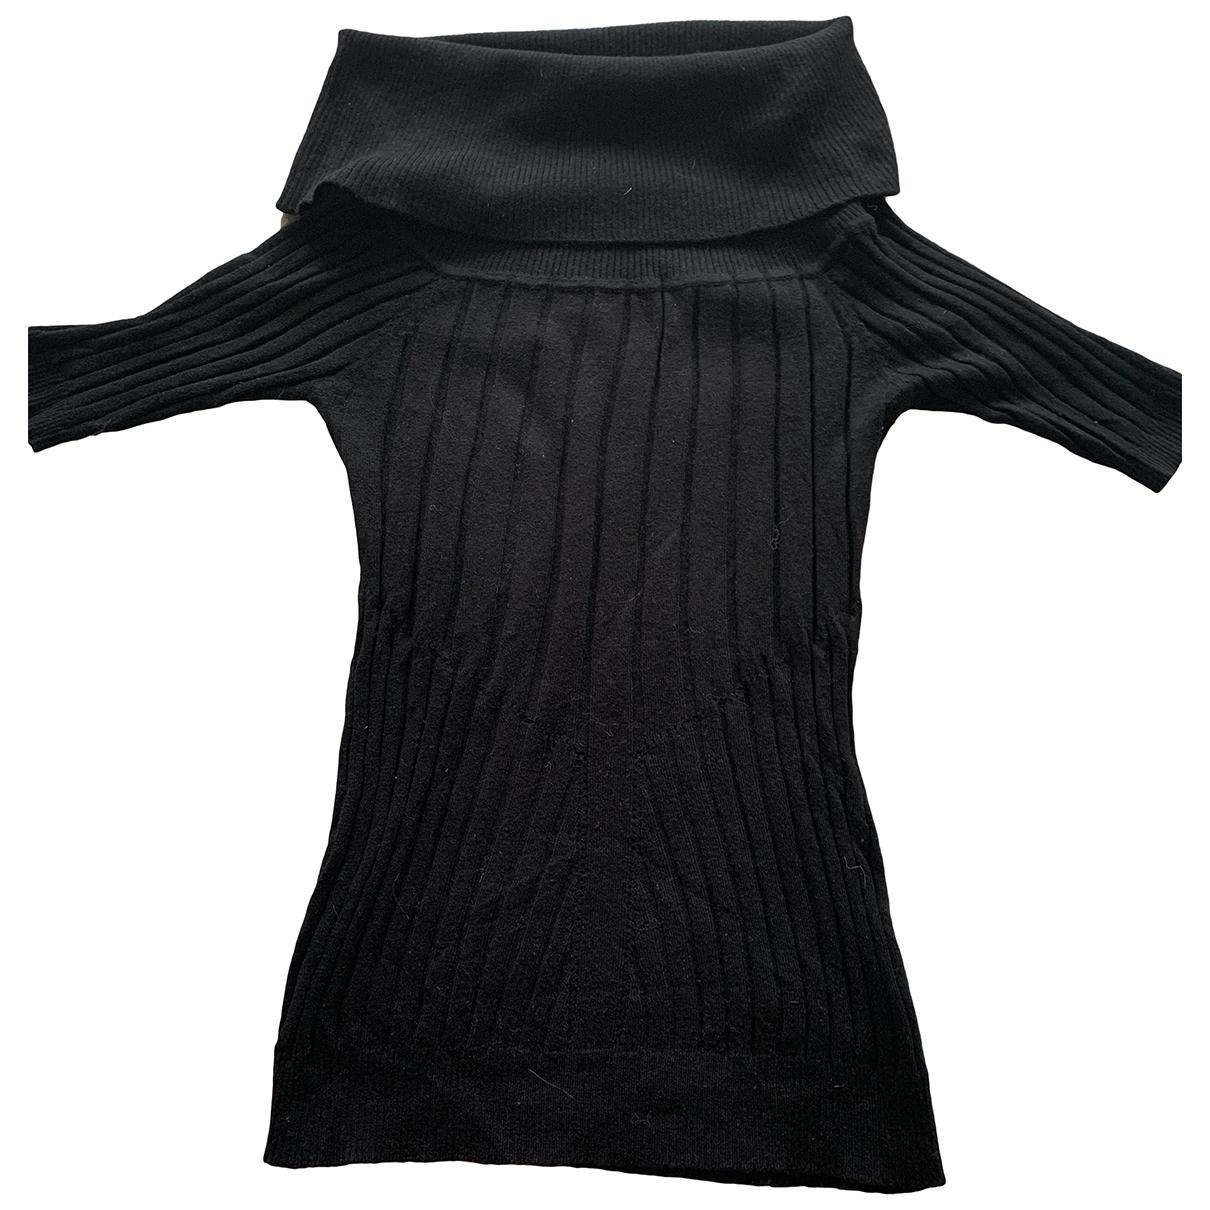 D&g - Pull   pour femme en coton - noir